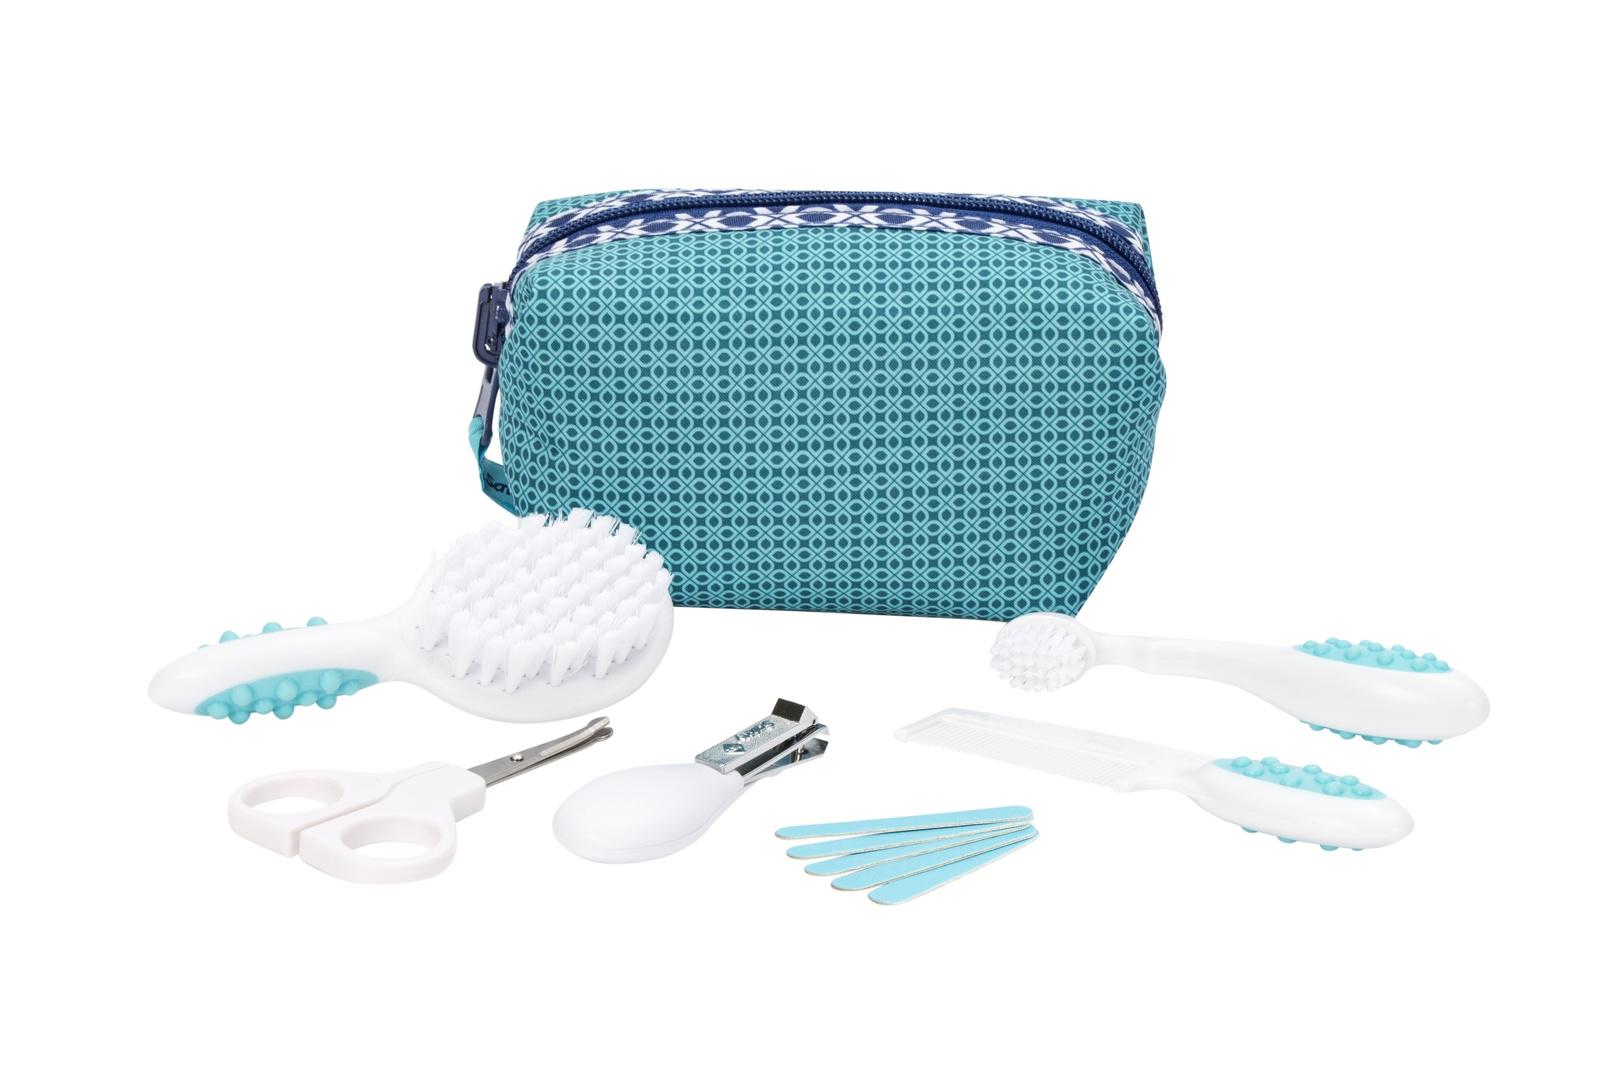 Набор маникюрных инструментов Safety 1st Аксессуары по уходу за малышом в футляре (6 предметов) 3106004000